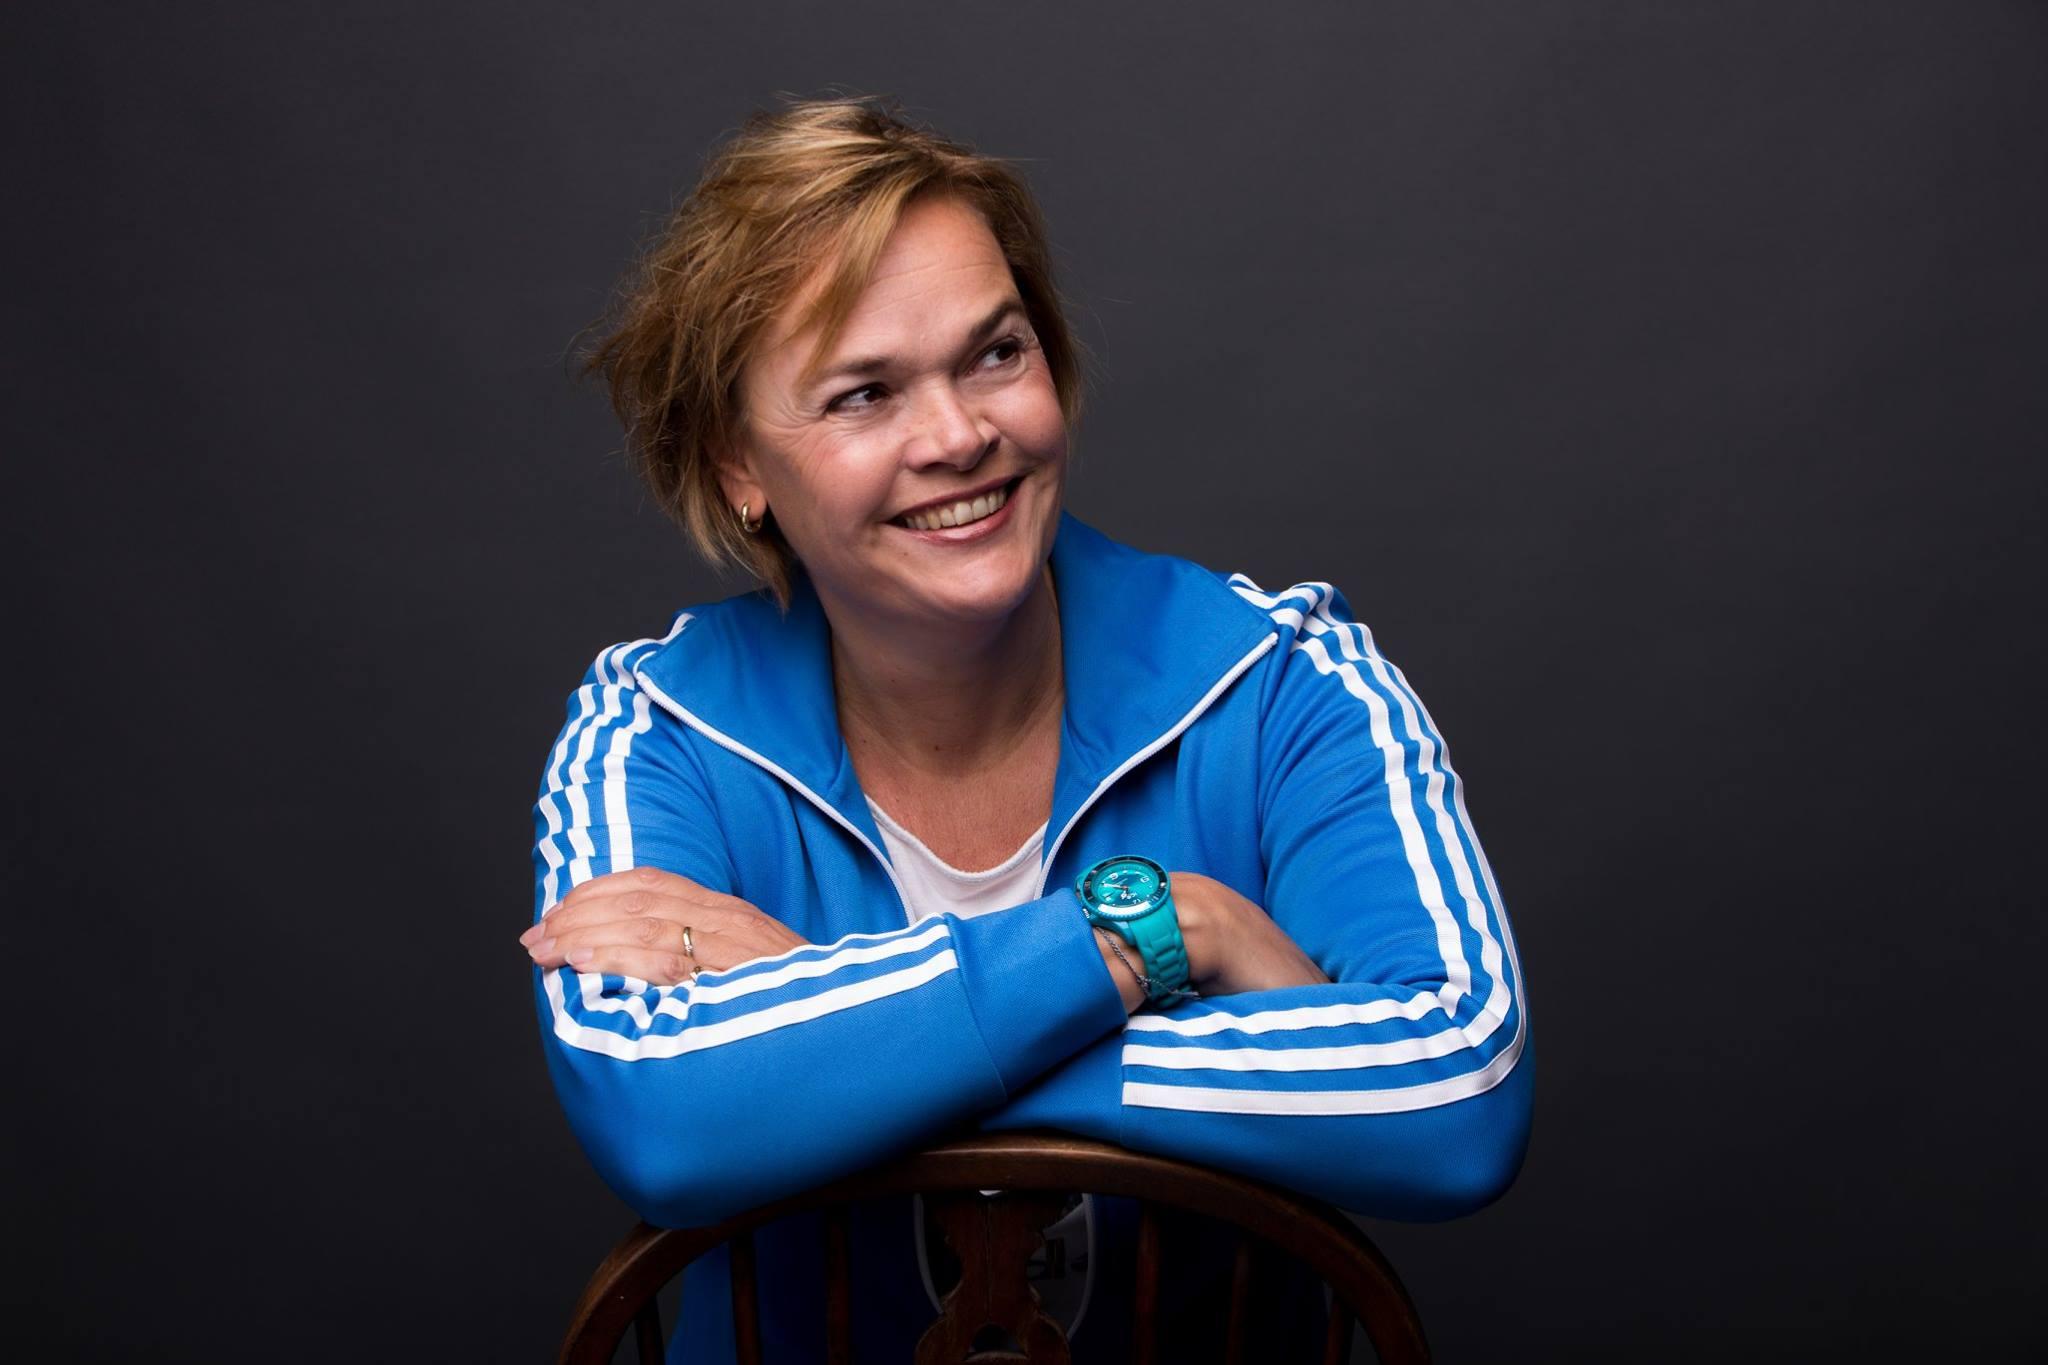 Sandra Lohuis